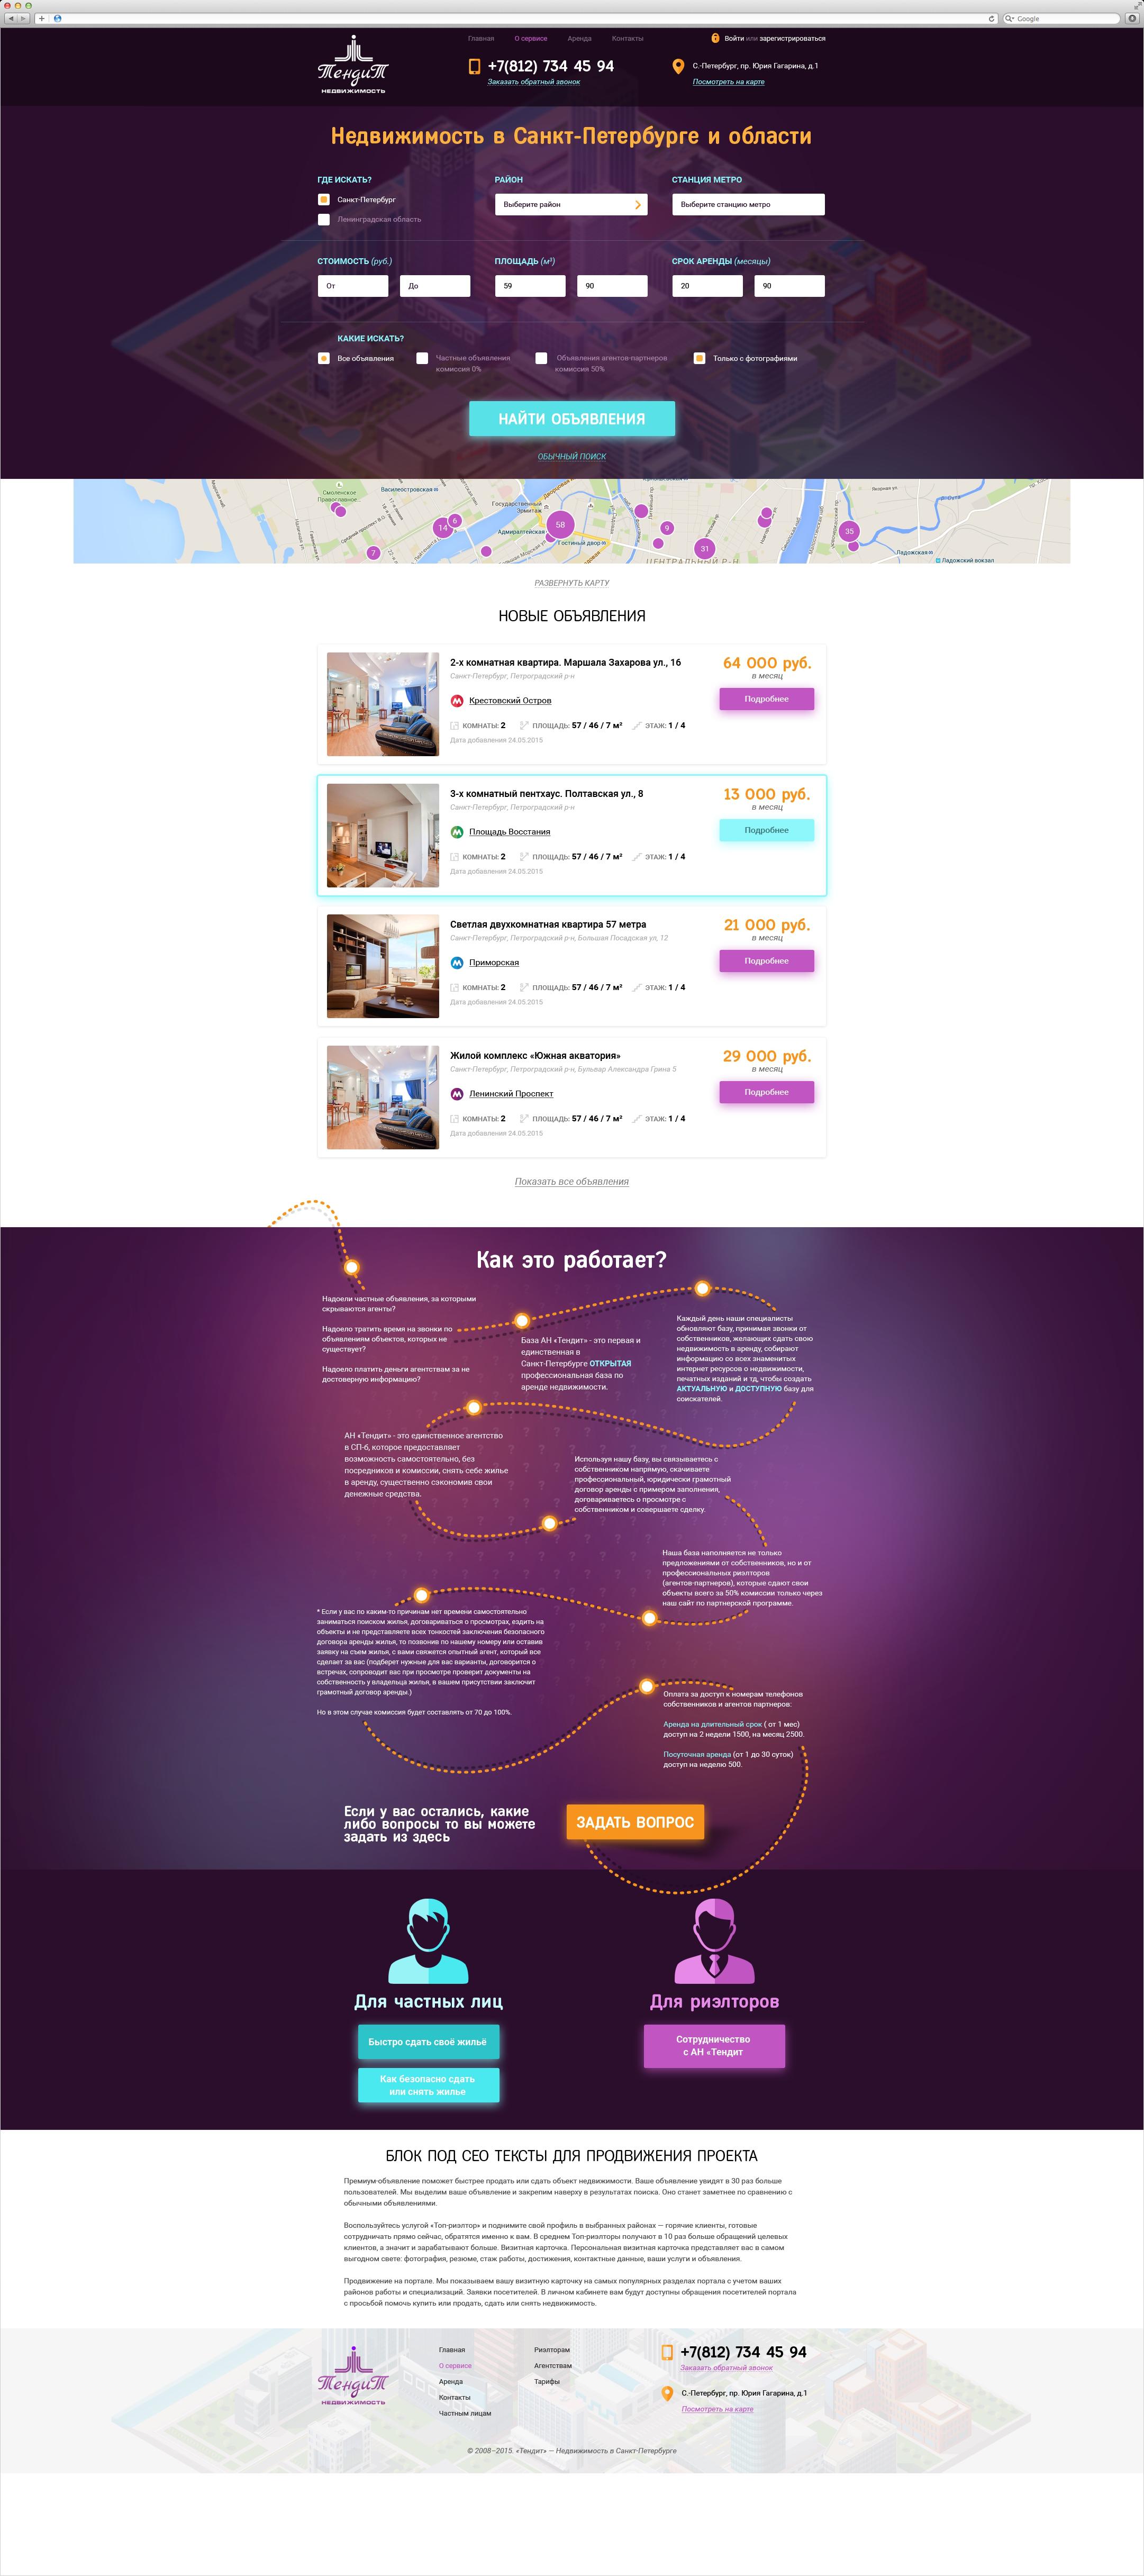 Сайт по работе с недвижимостью в Санкт-Петербурге и области (2015 г.)